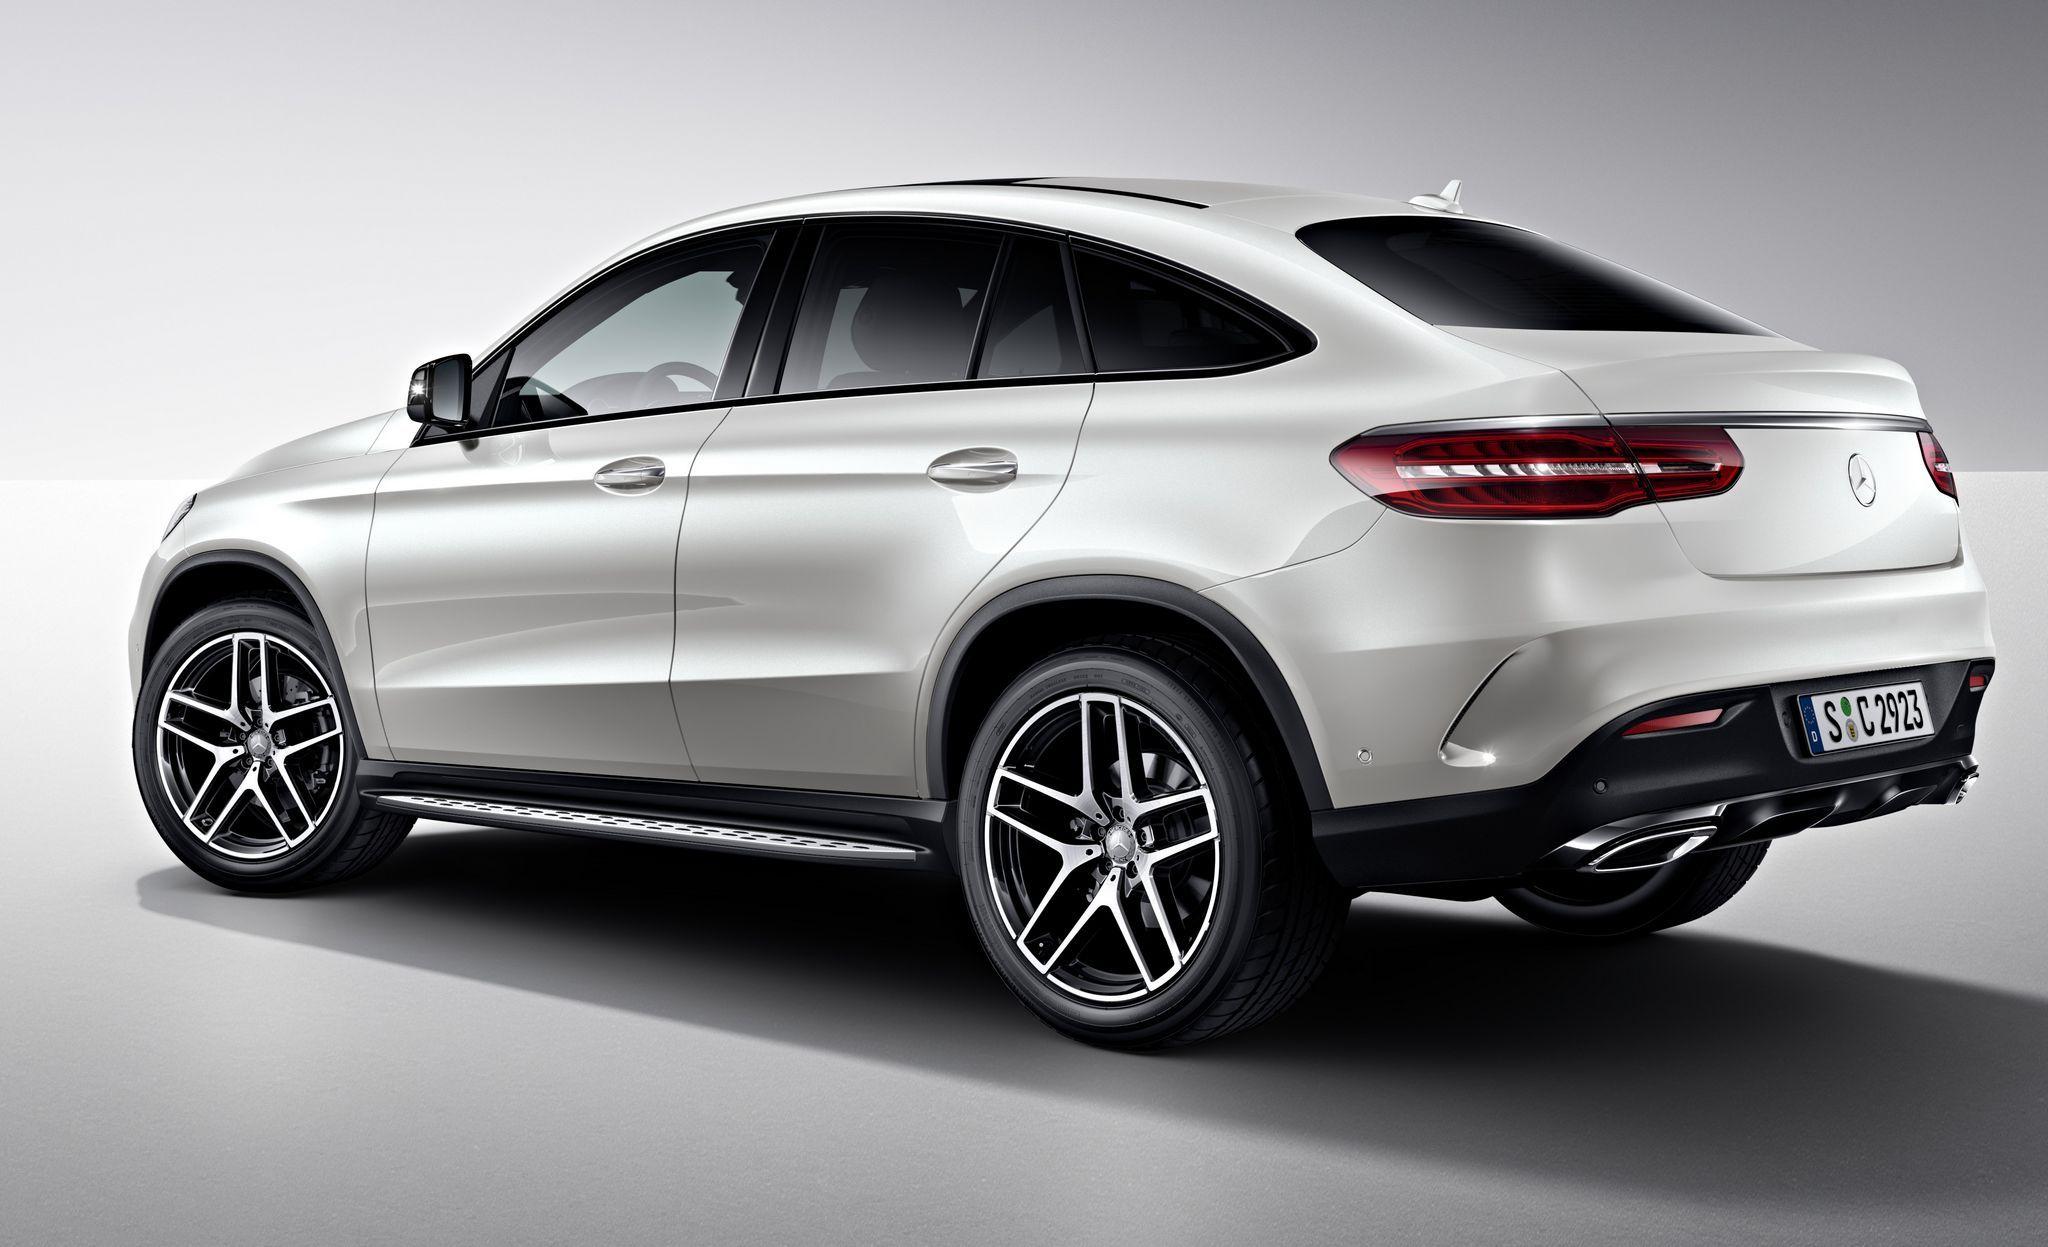 Mercedes Geeft Nieuwe Gle Coupe Prijzen Mee Vanaf 88 Mille